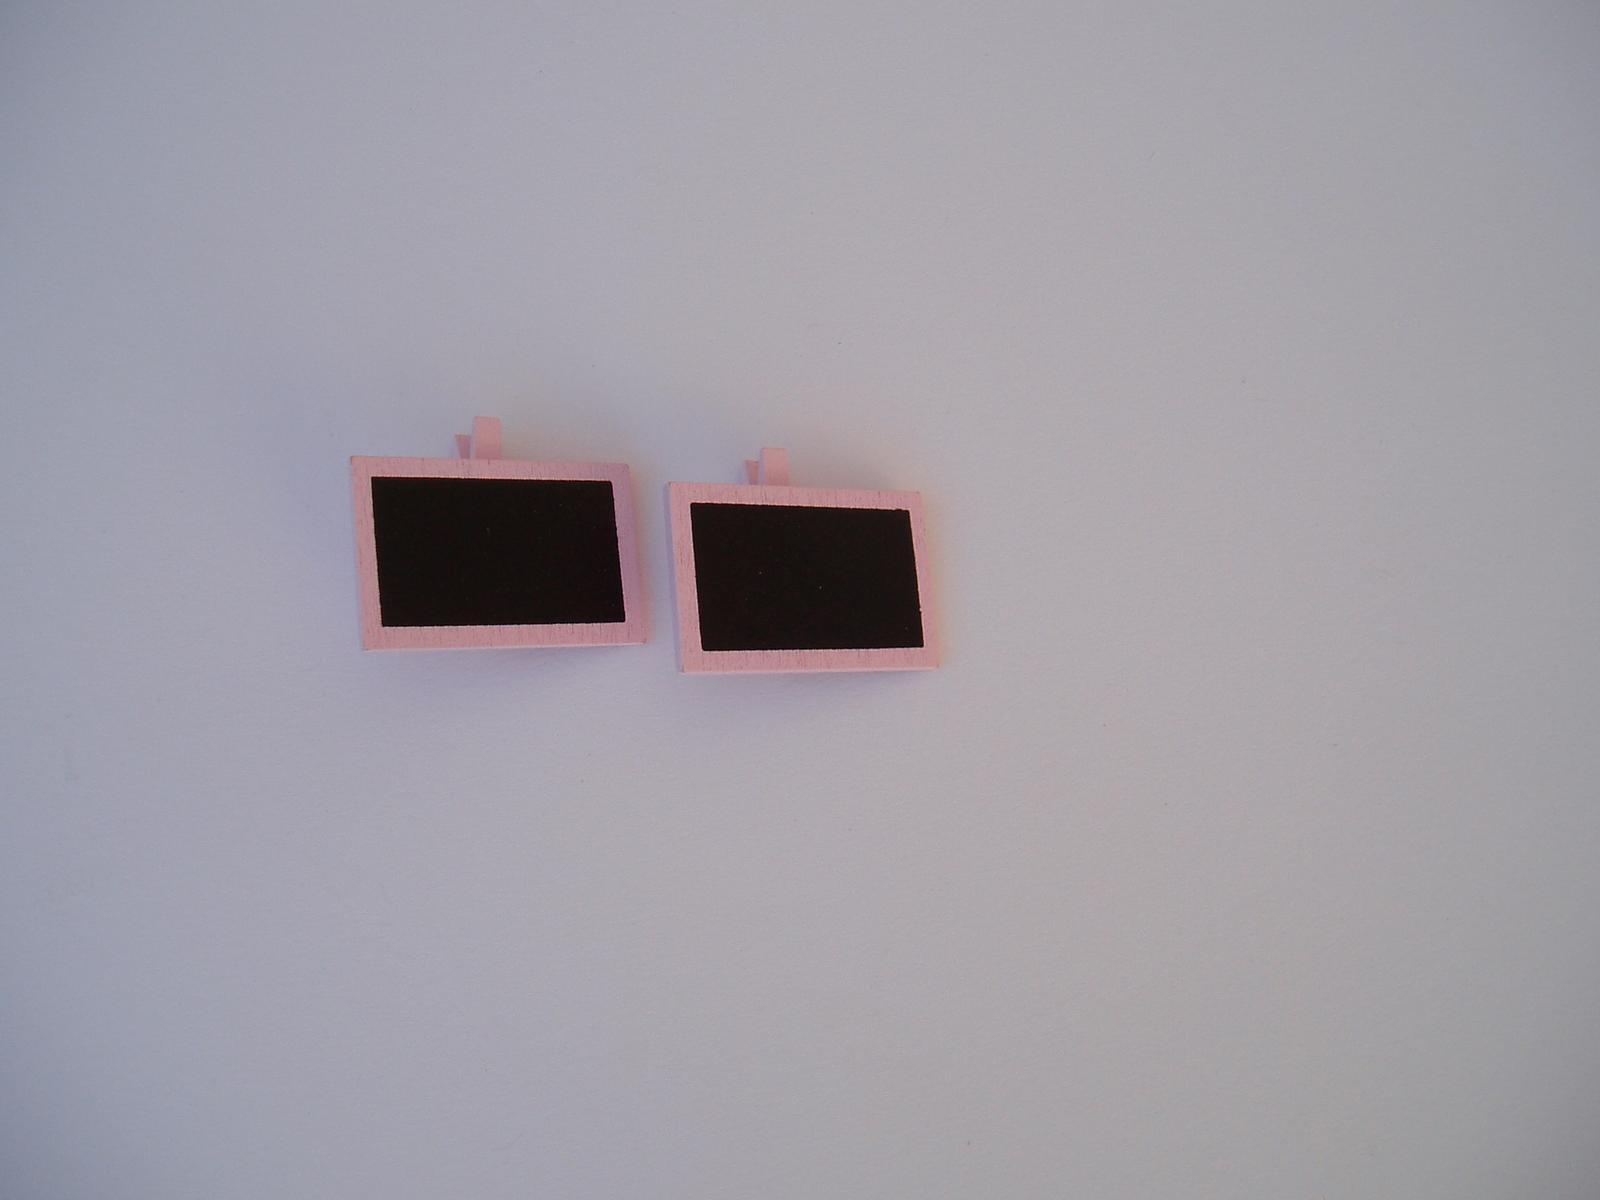 kolíček s tabulkou-růžový - Obrázek č. 1